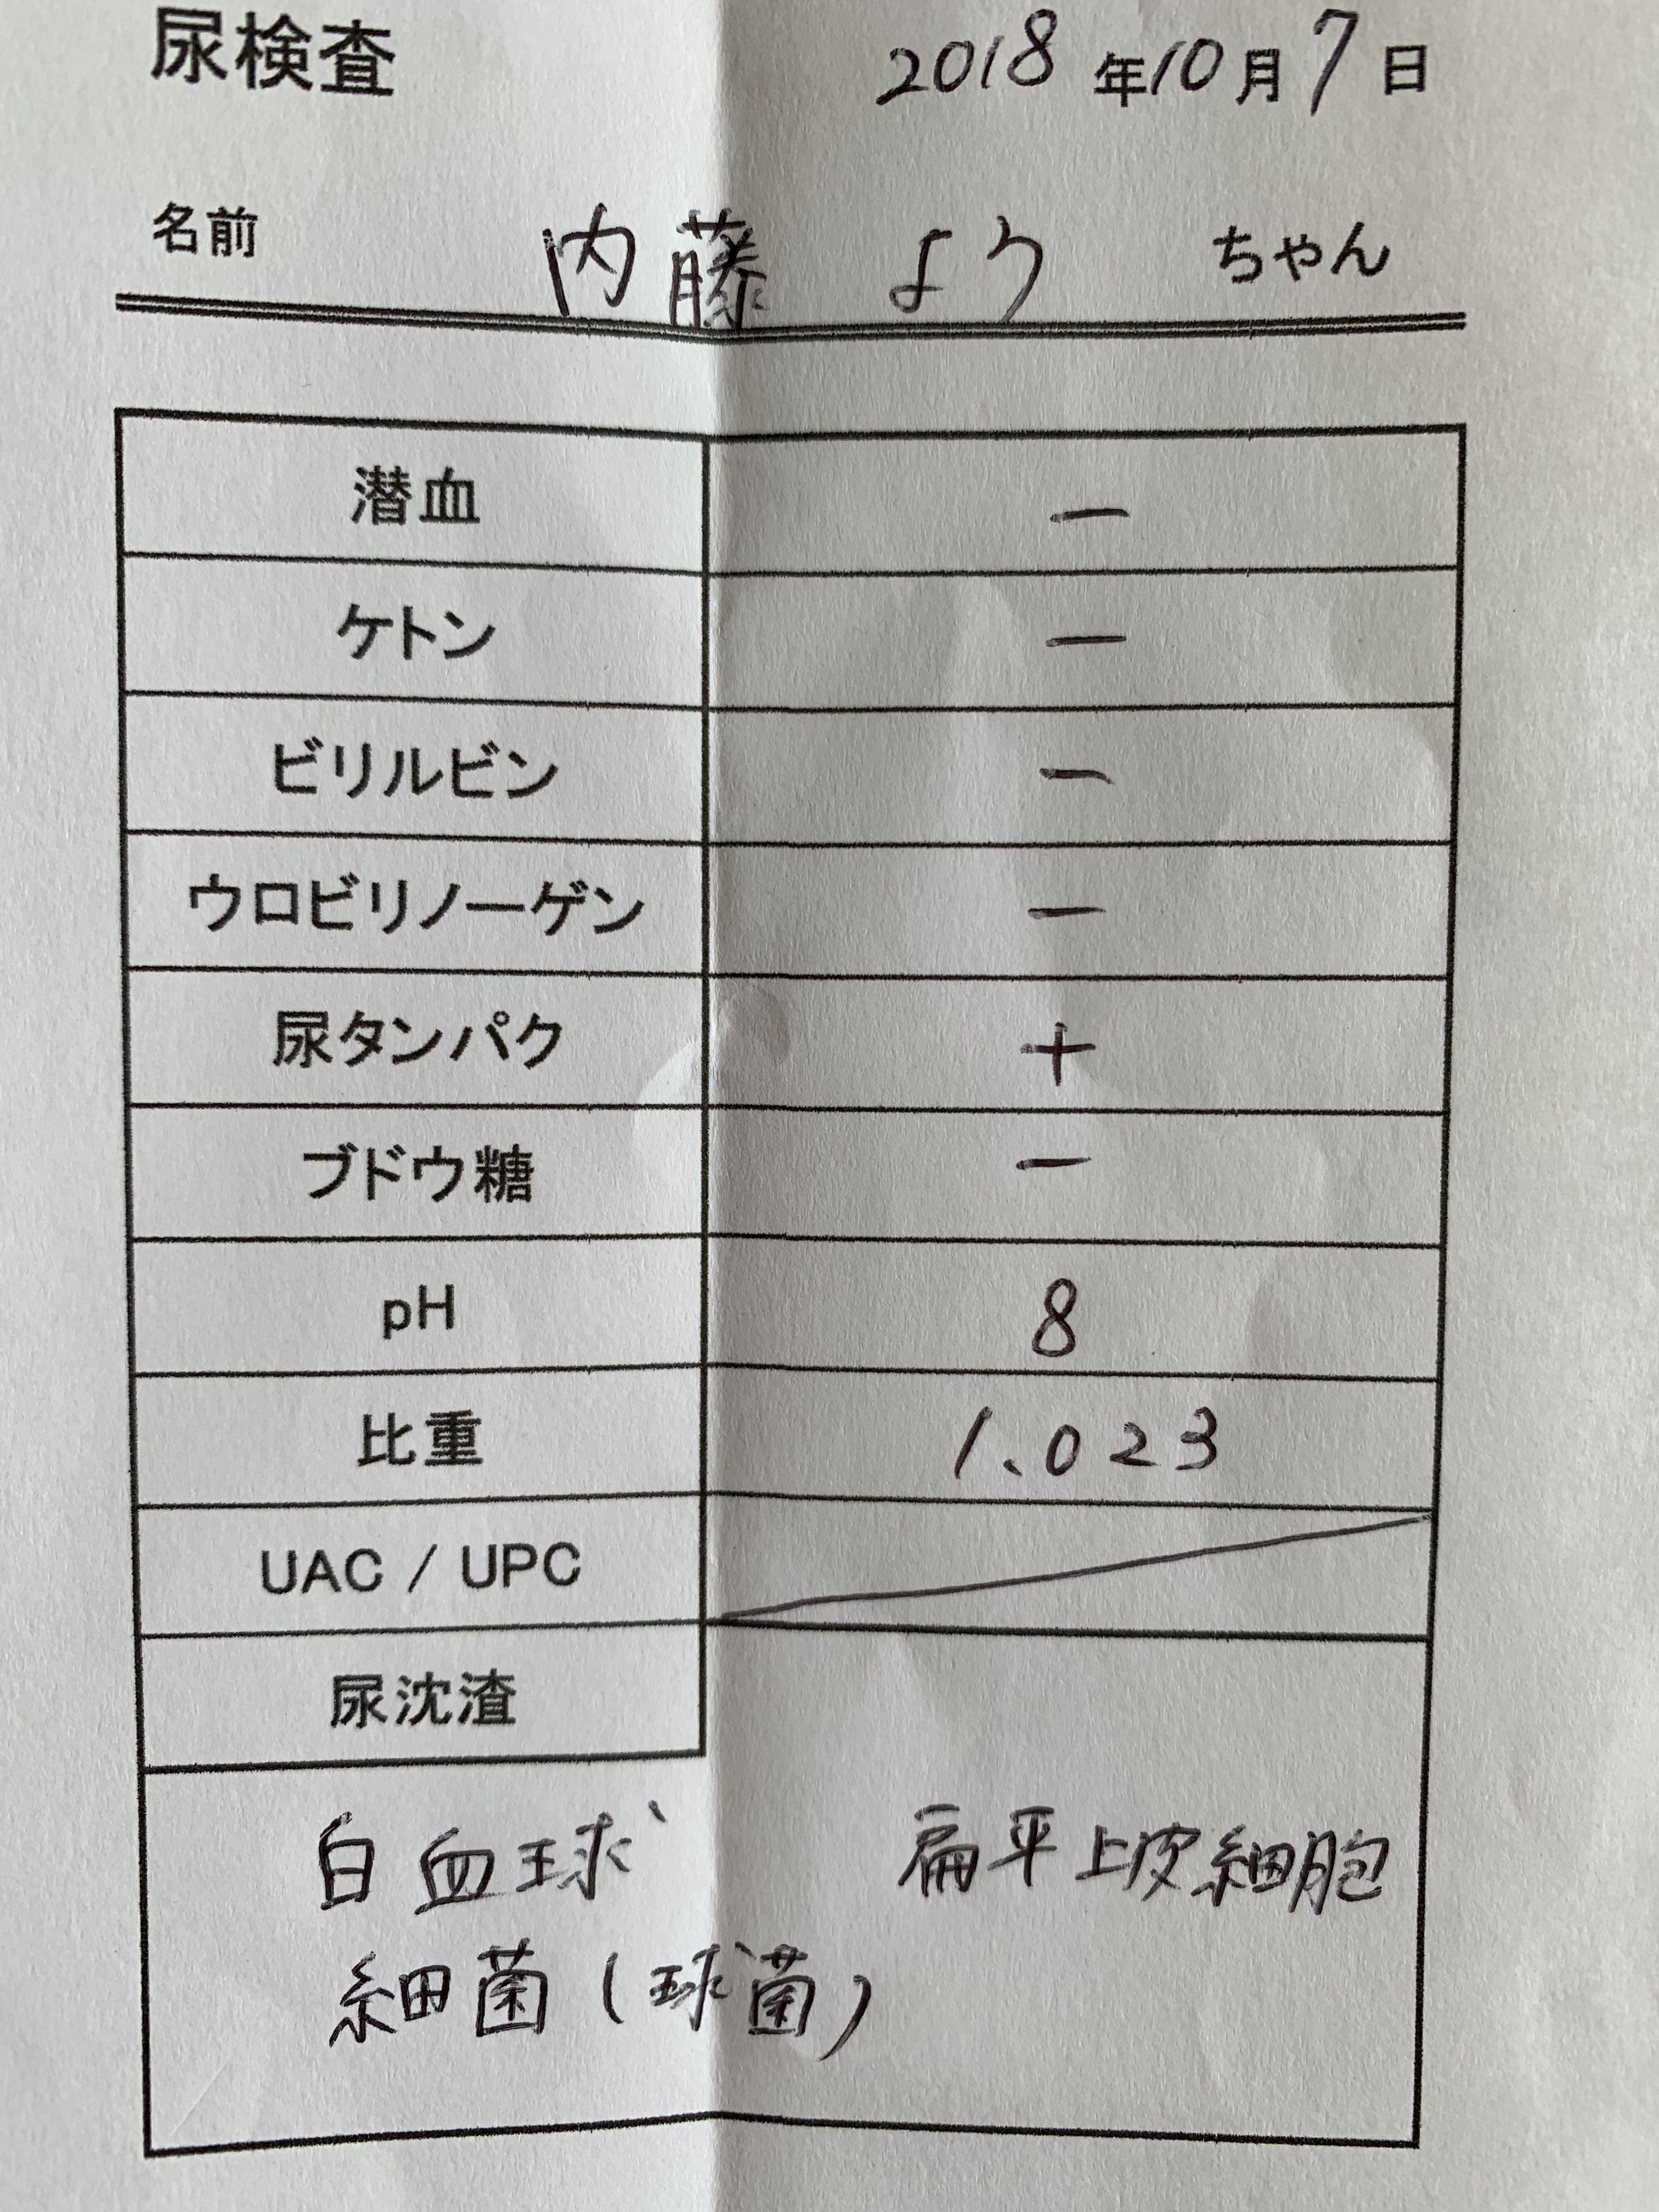 細菌 尿 検査